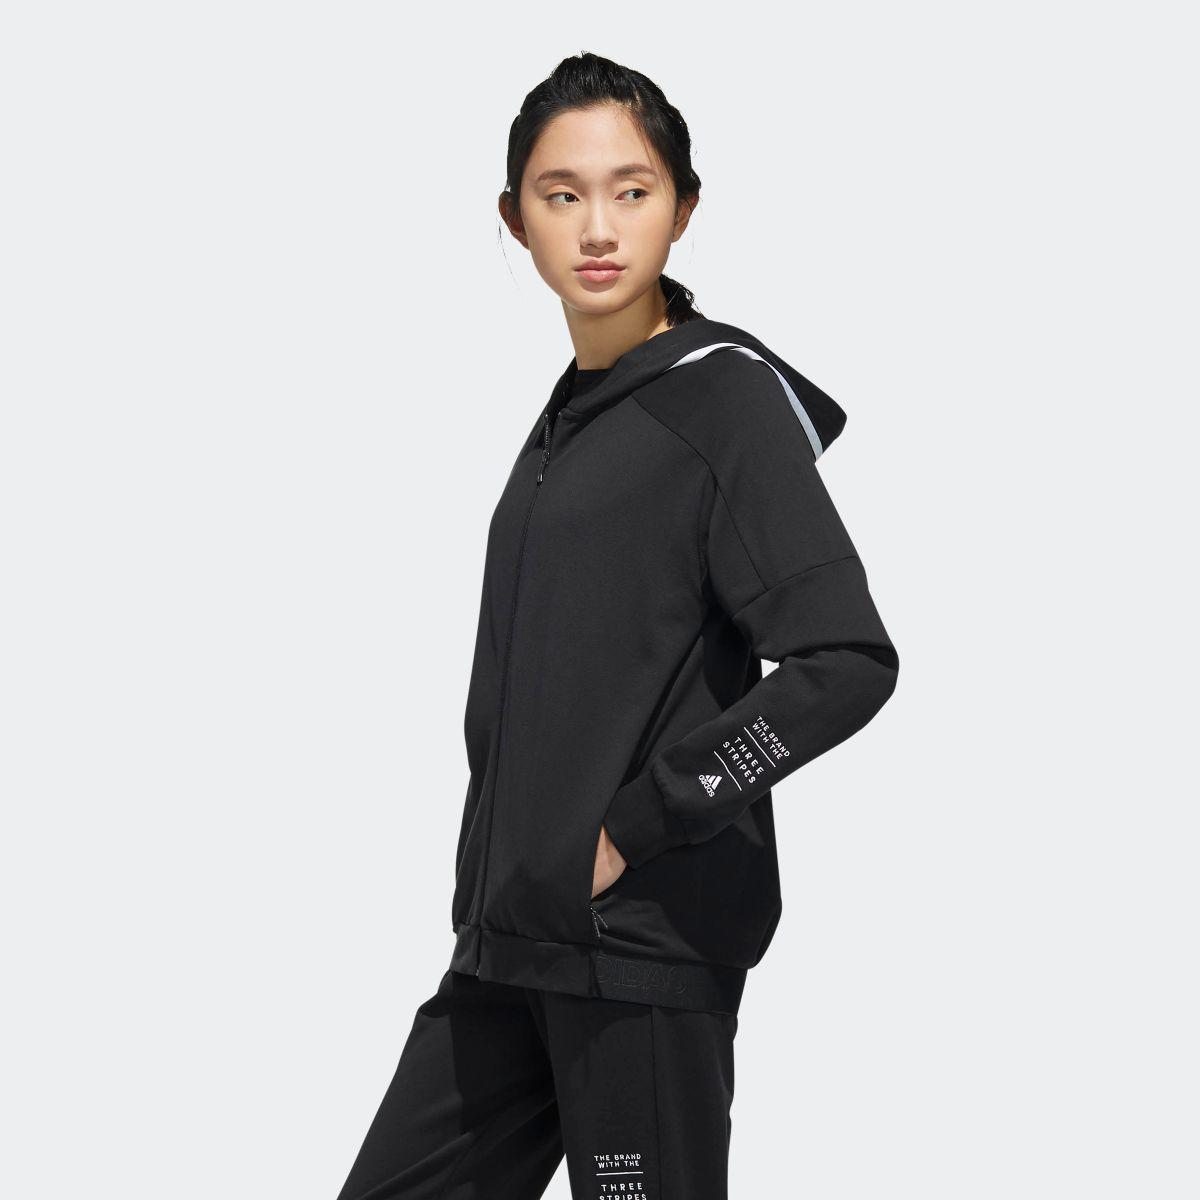 ウェア フーディー ヘリンボーン ジャケット DV0622 adidas W ID レディース 【公式】 アディダス トップス